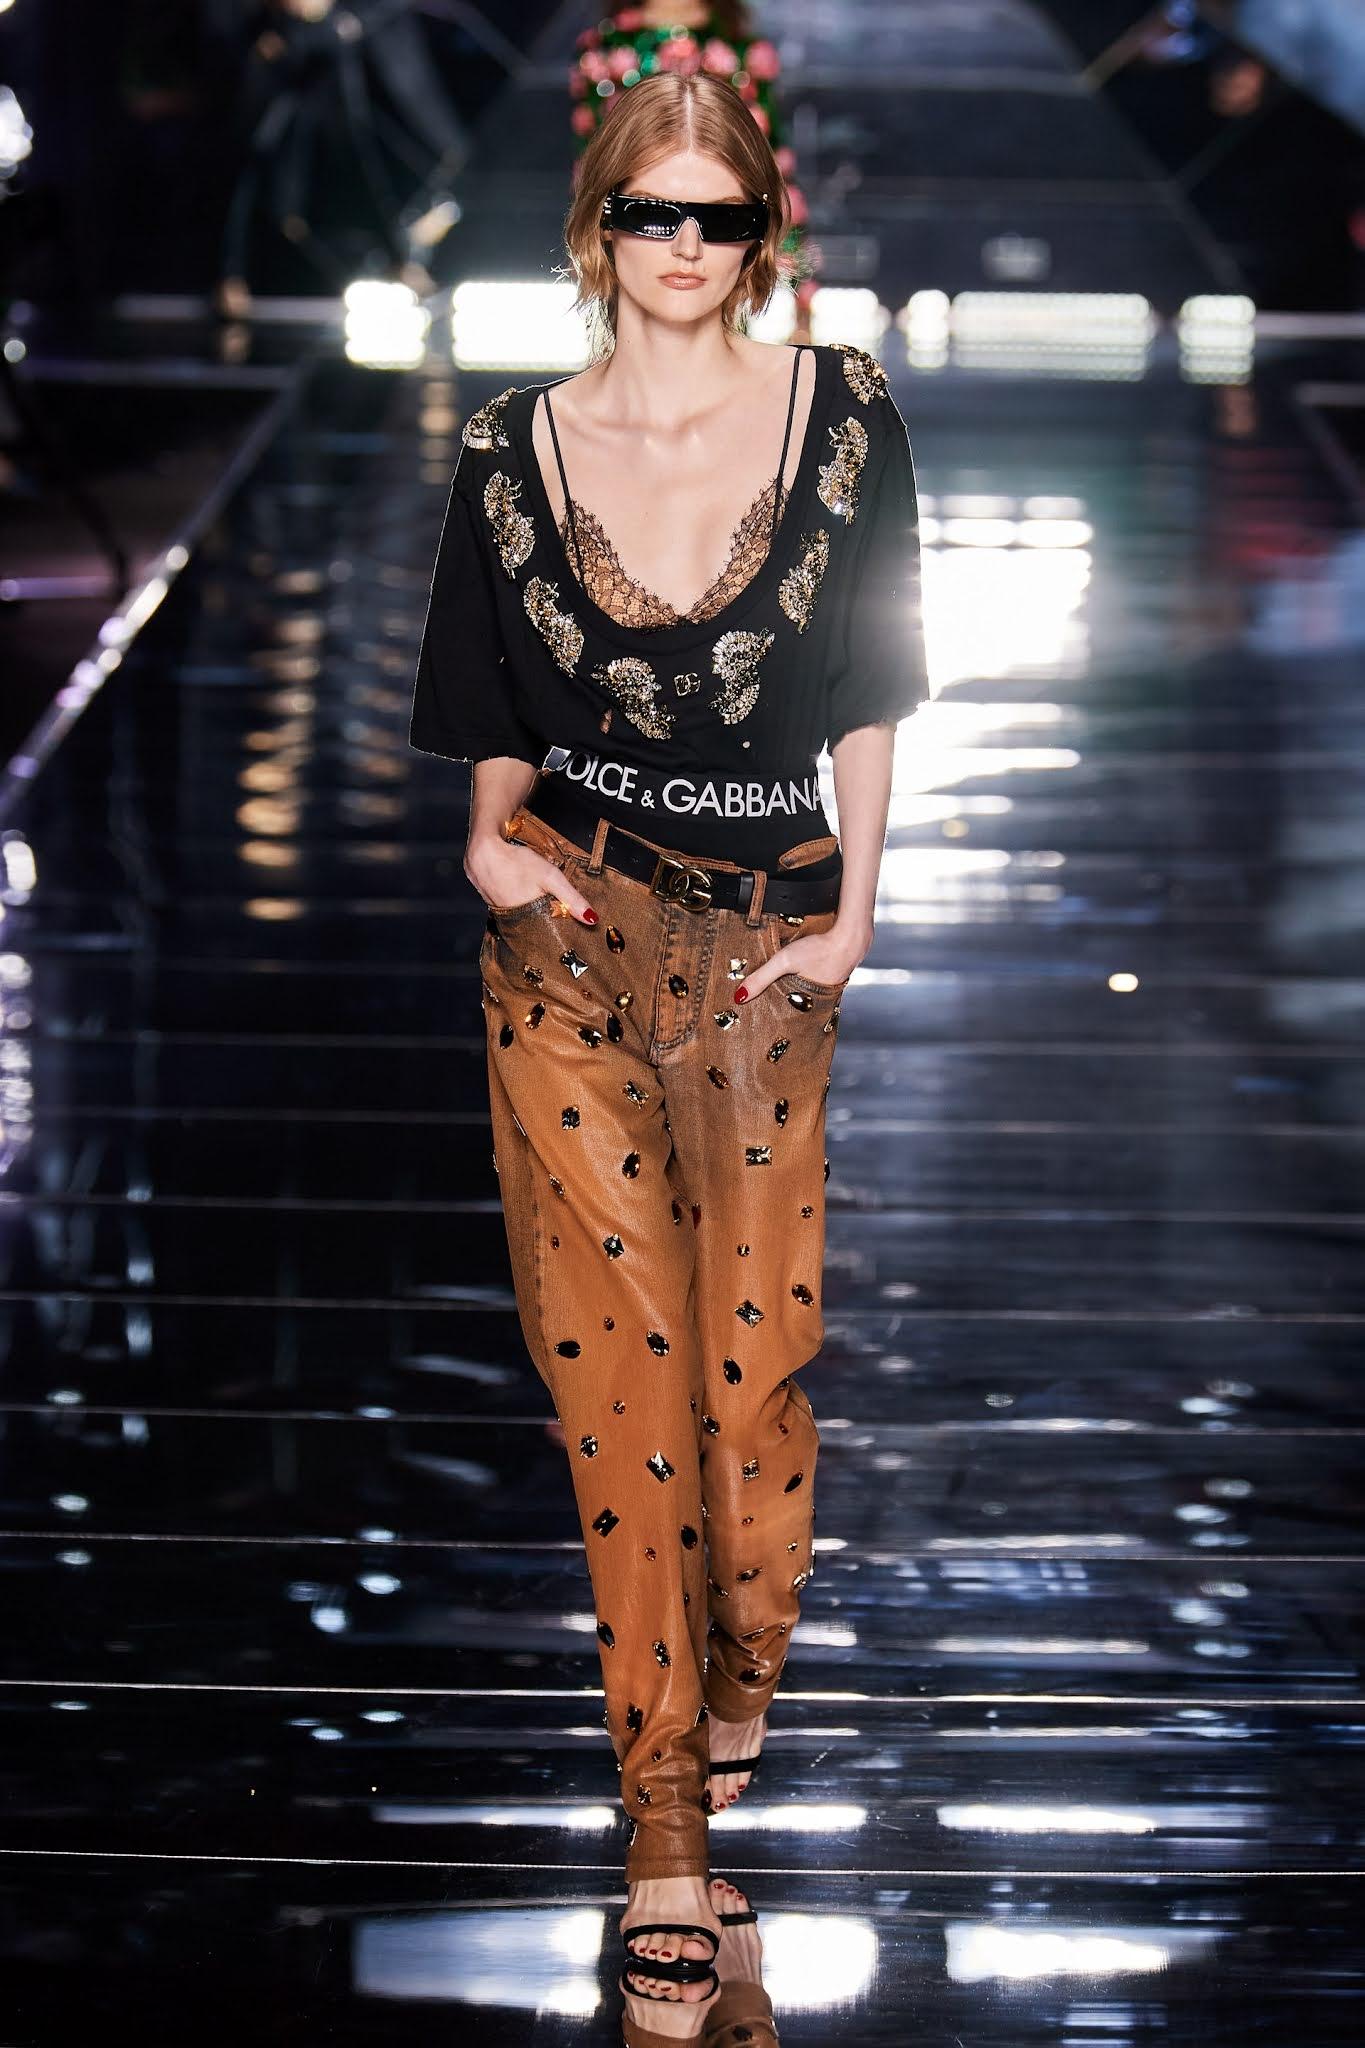 Dolce & Gabbana Spring 2022 Ready-to-Wear Fashion Show